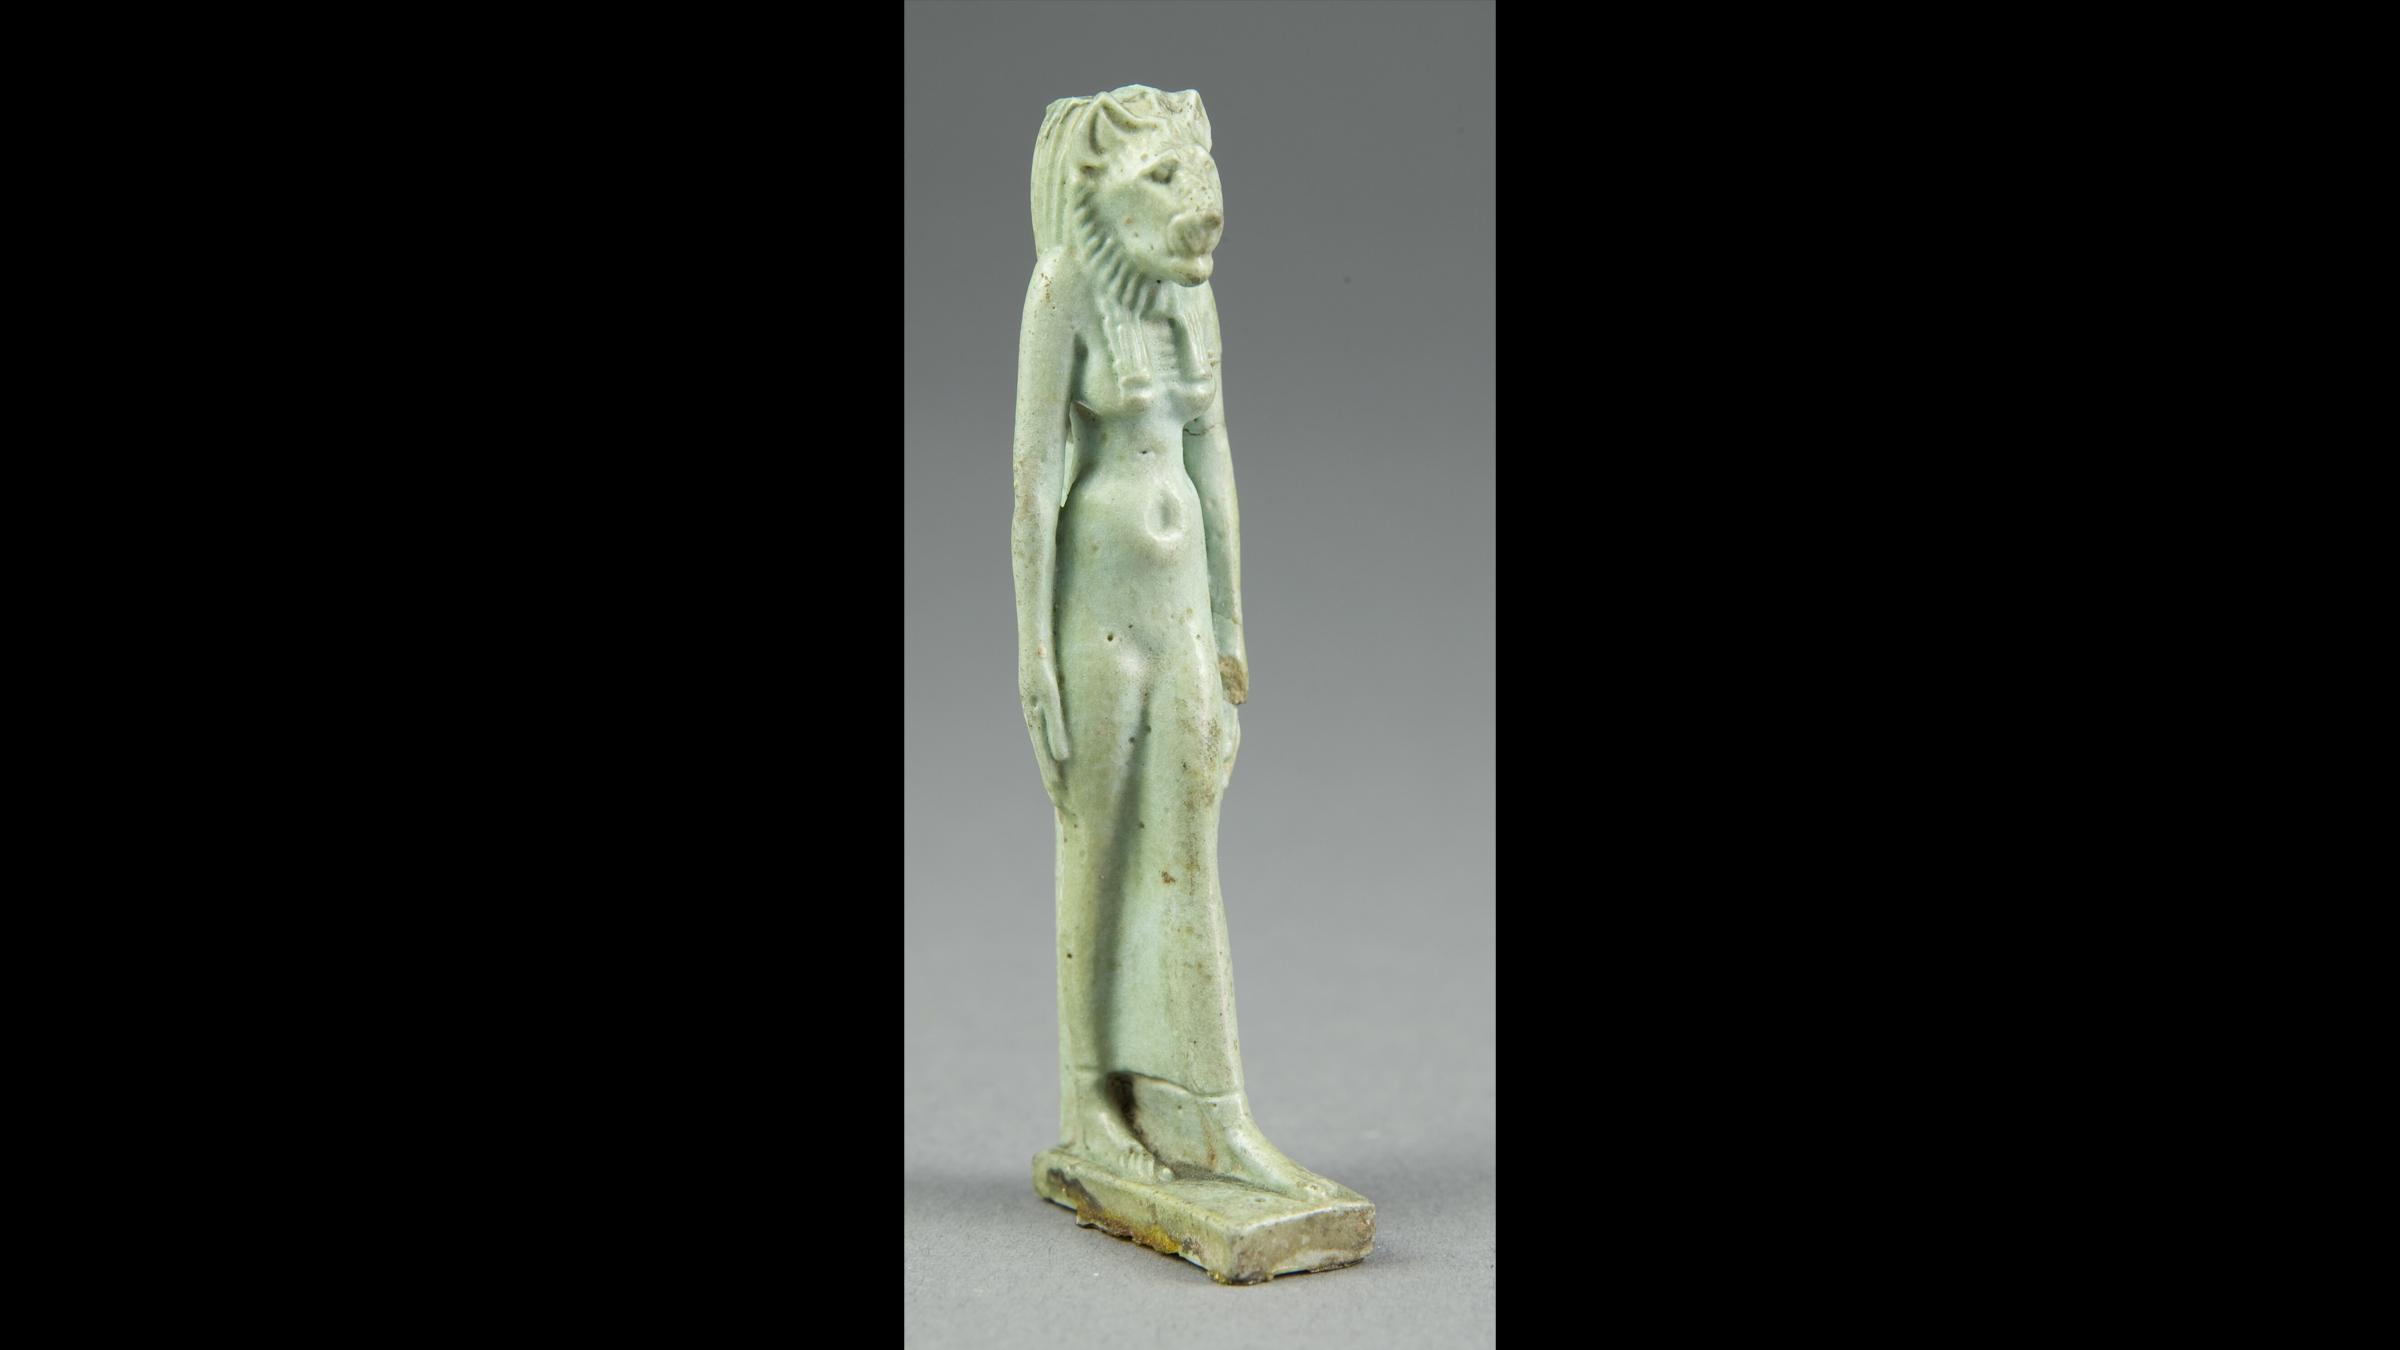 Une amulette de la divinité à tête de lionne Sekhmet, datant de la troisième période intermédiaire de l'Égypte (1070–664 avant JC).